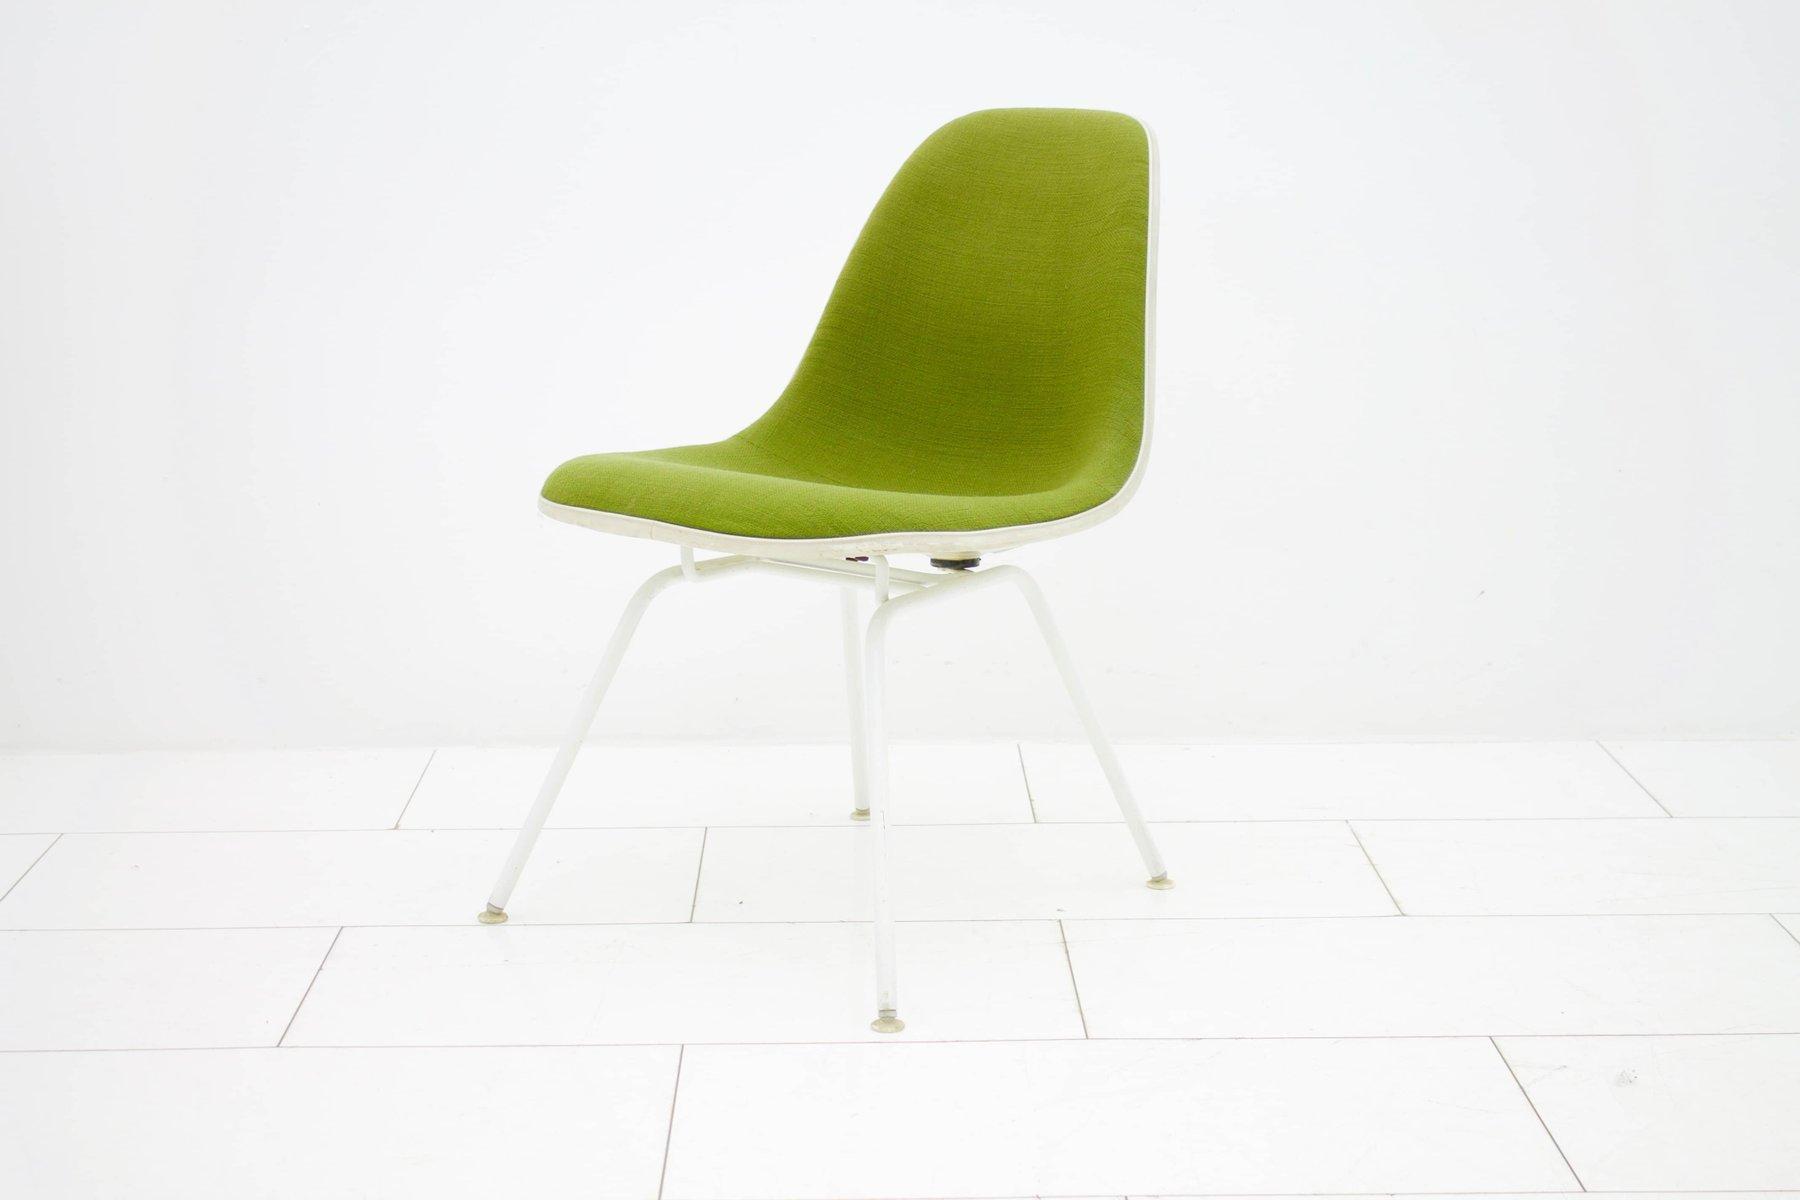 gr ner vintage sessel von charles ray eames f r vitra. Black Bedroom Furniture Sets. Home Design Ideas